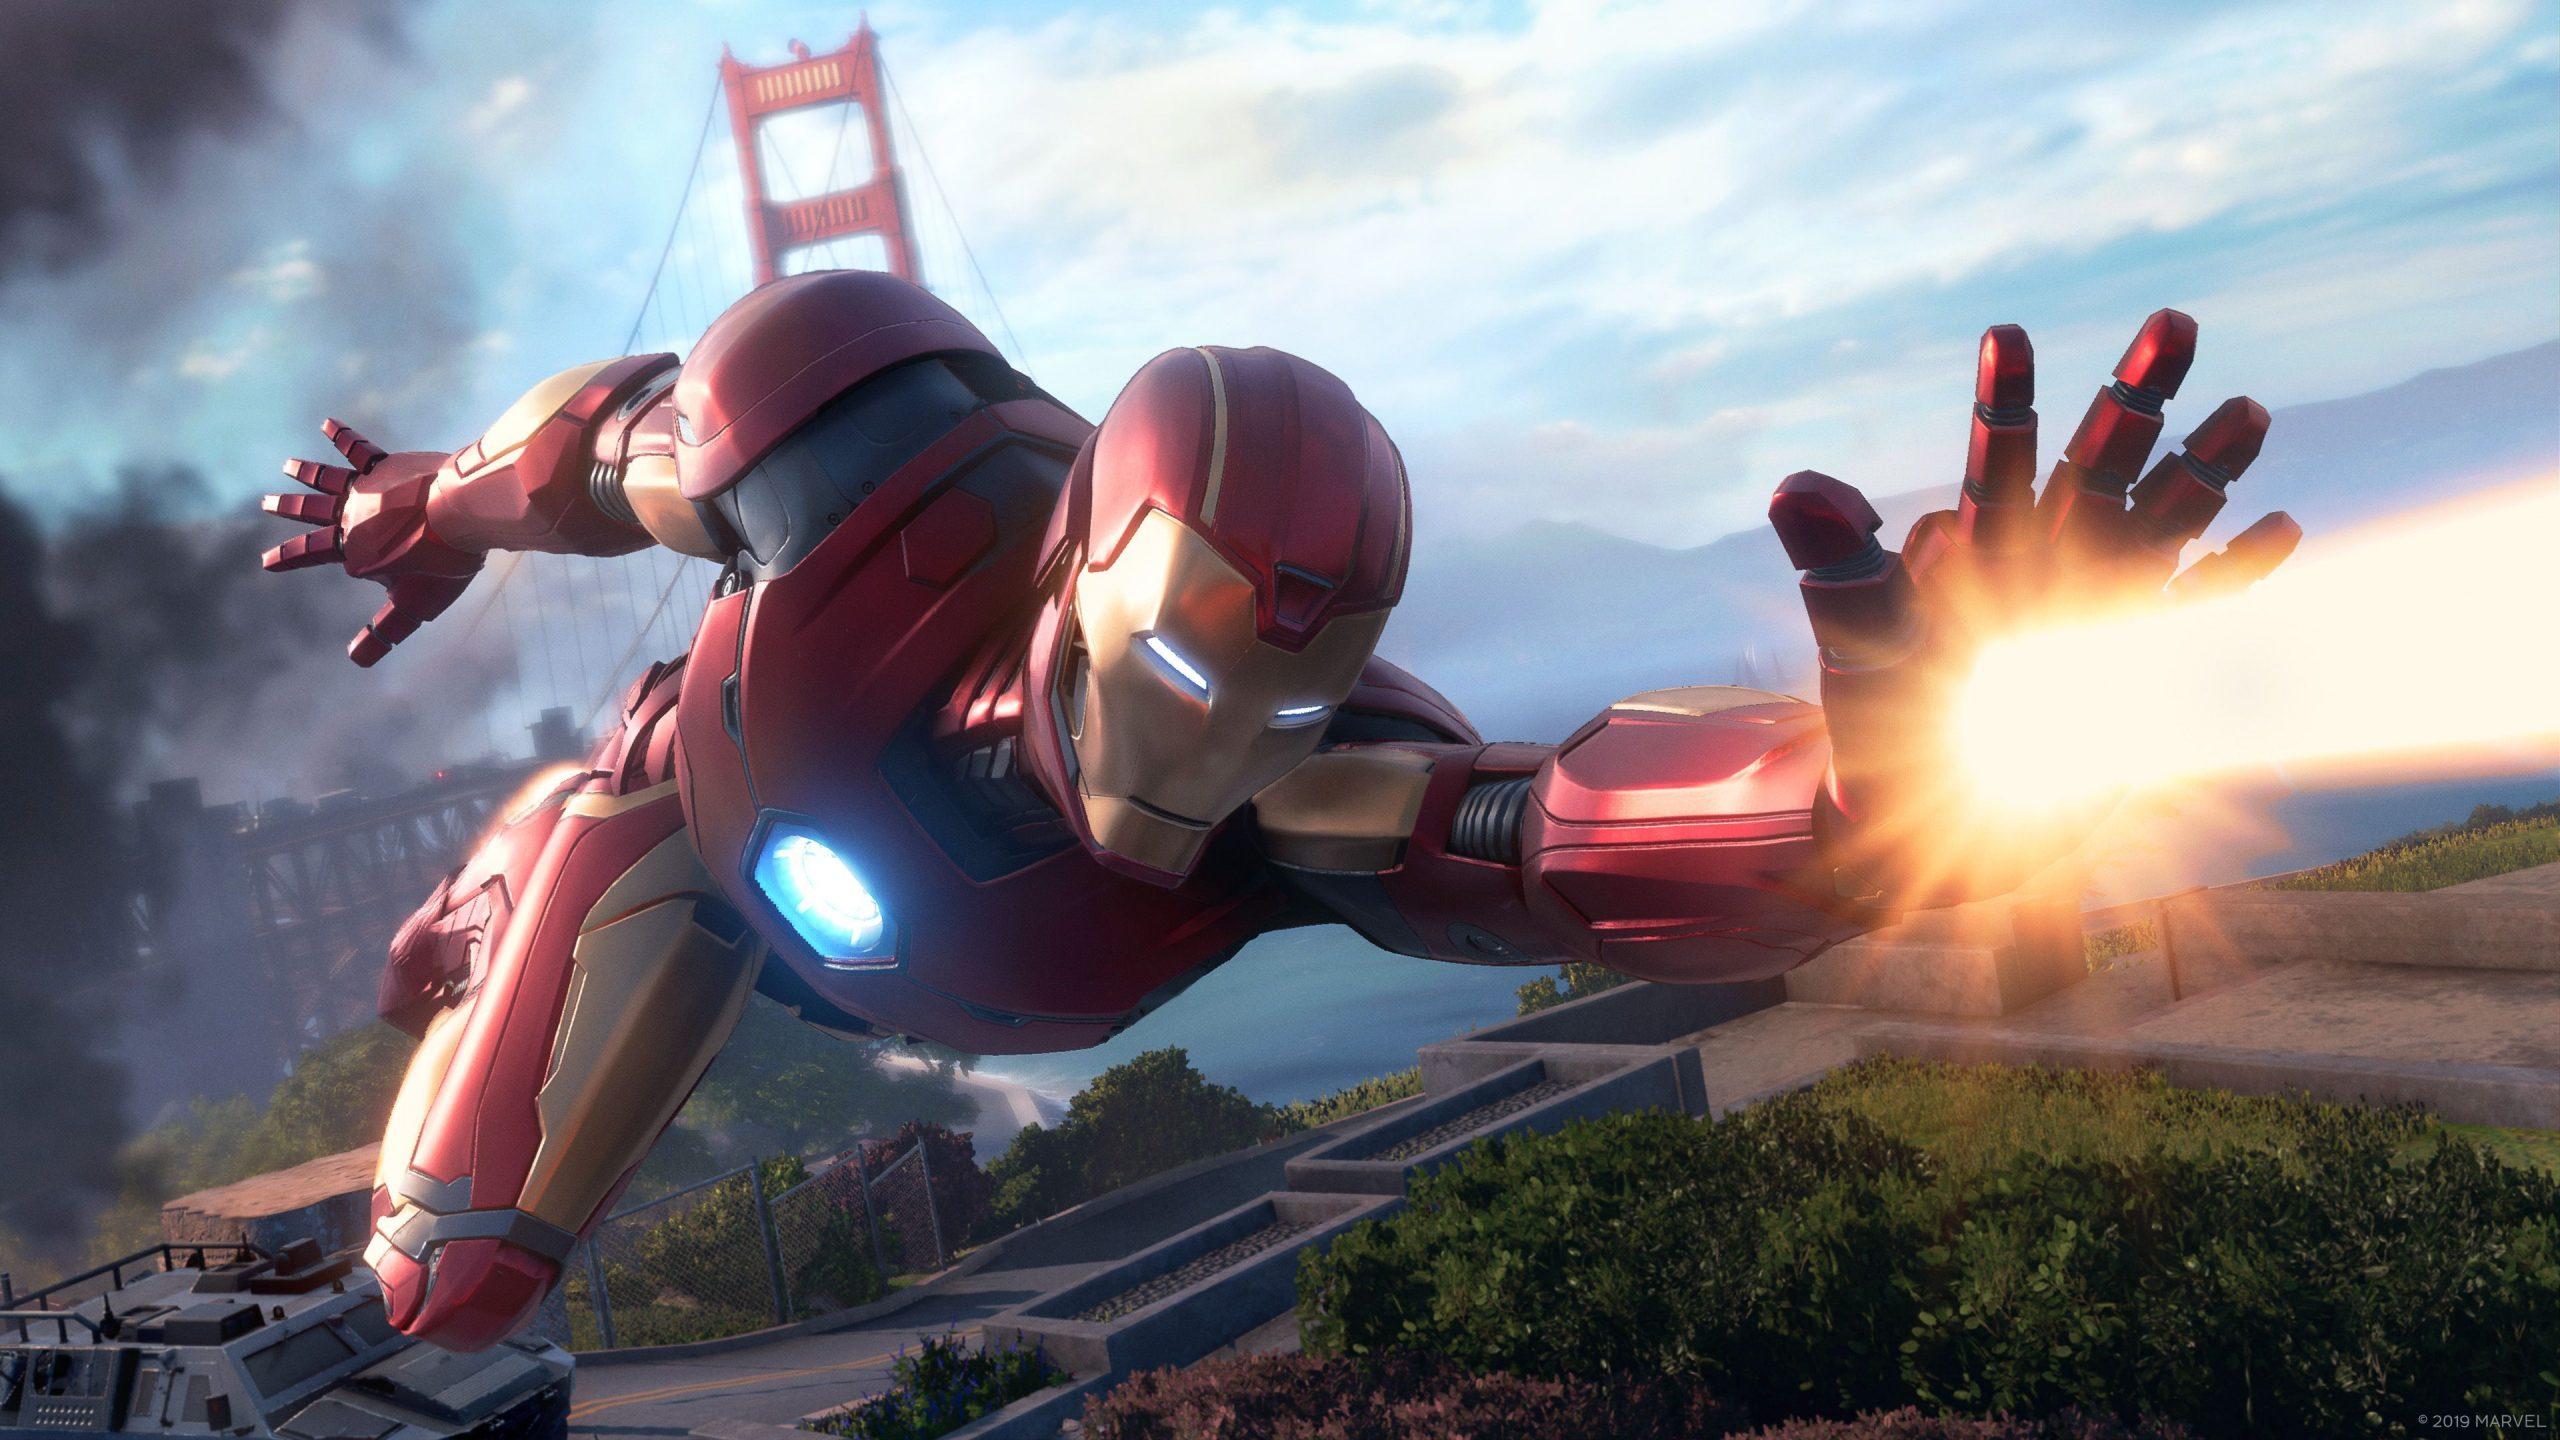 Marvel's Avengers Game Pre-order beta